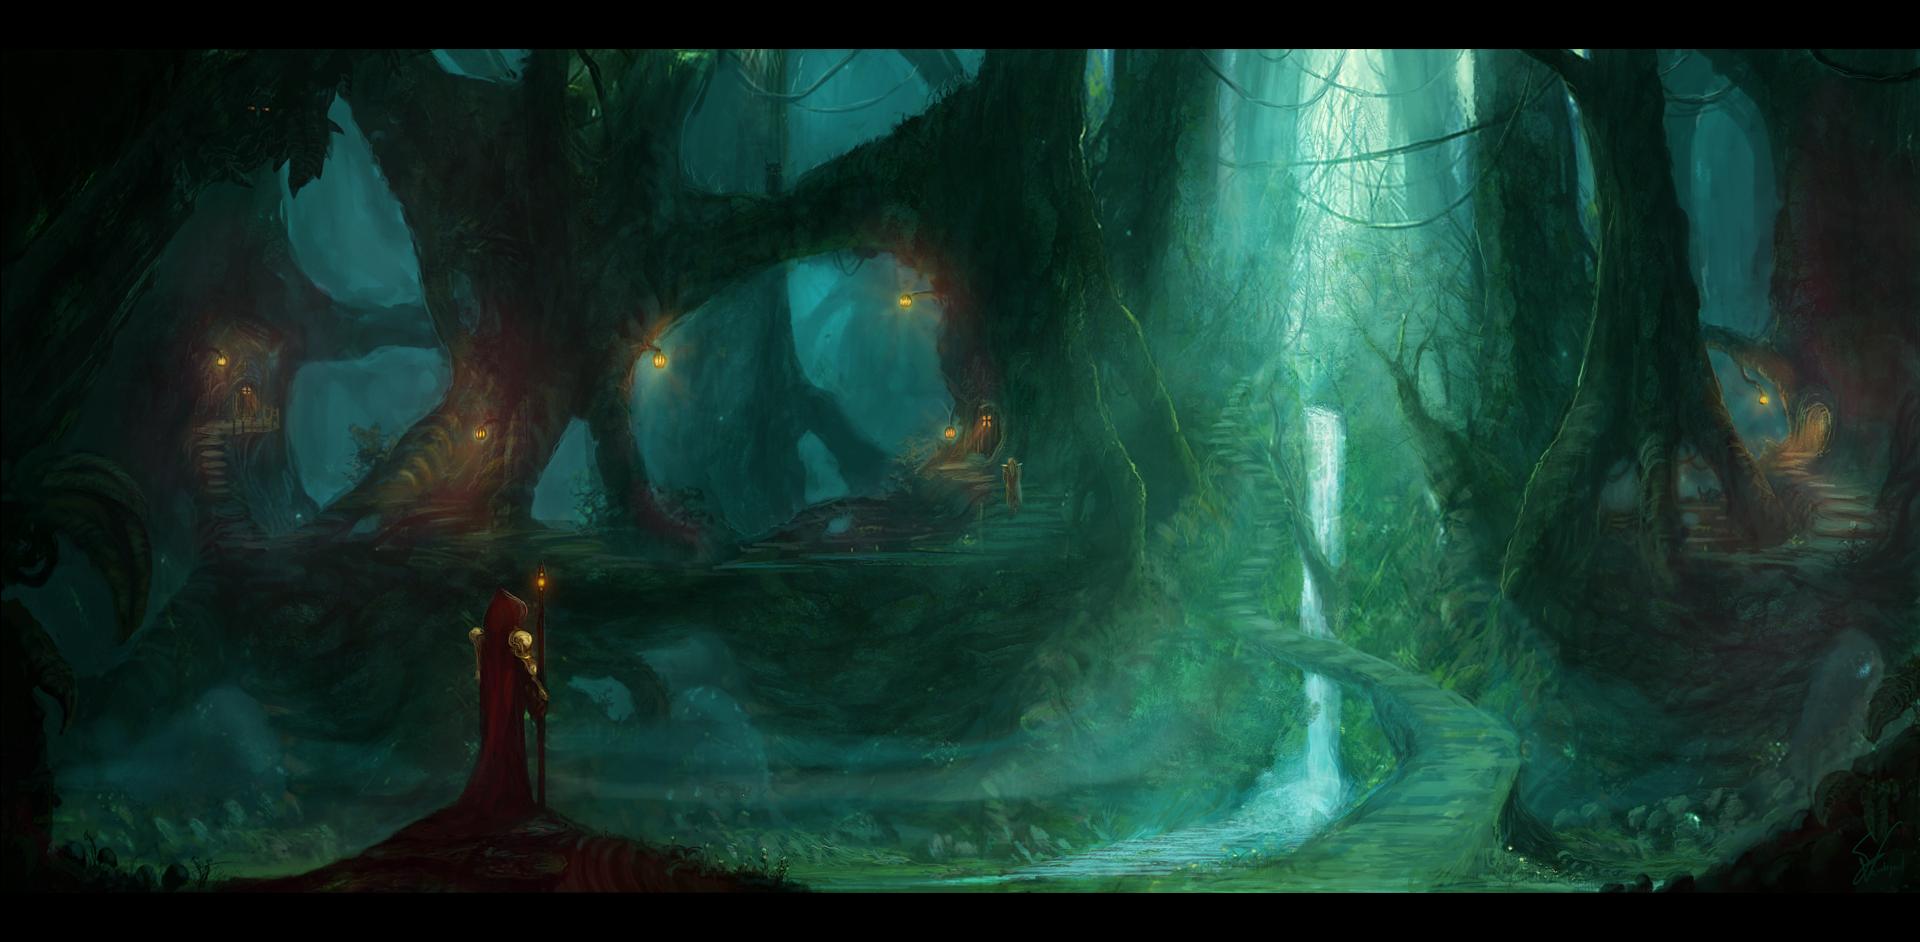 Empire of the Wood Elves by SamVerdegaal